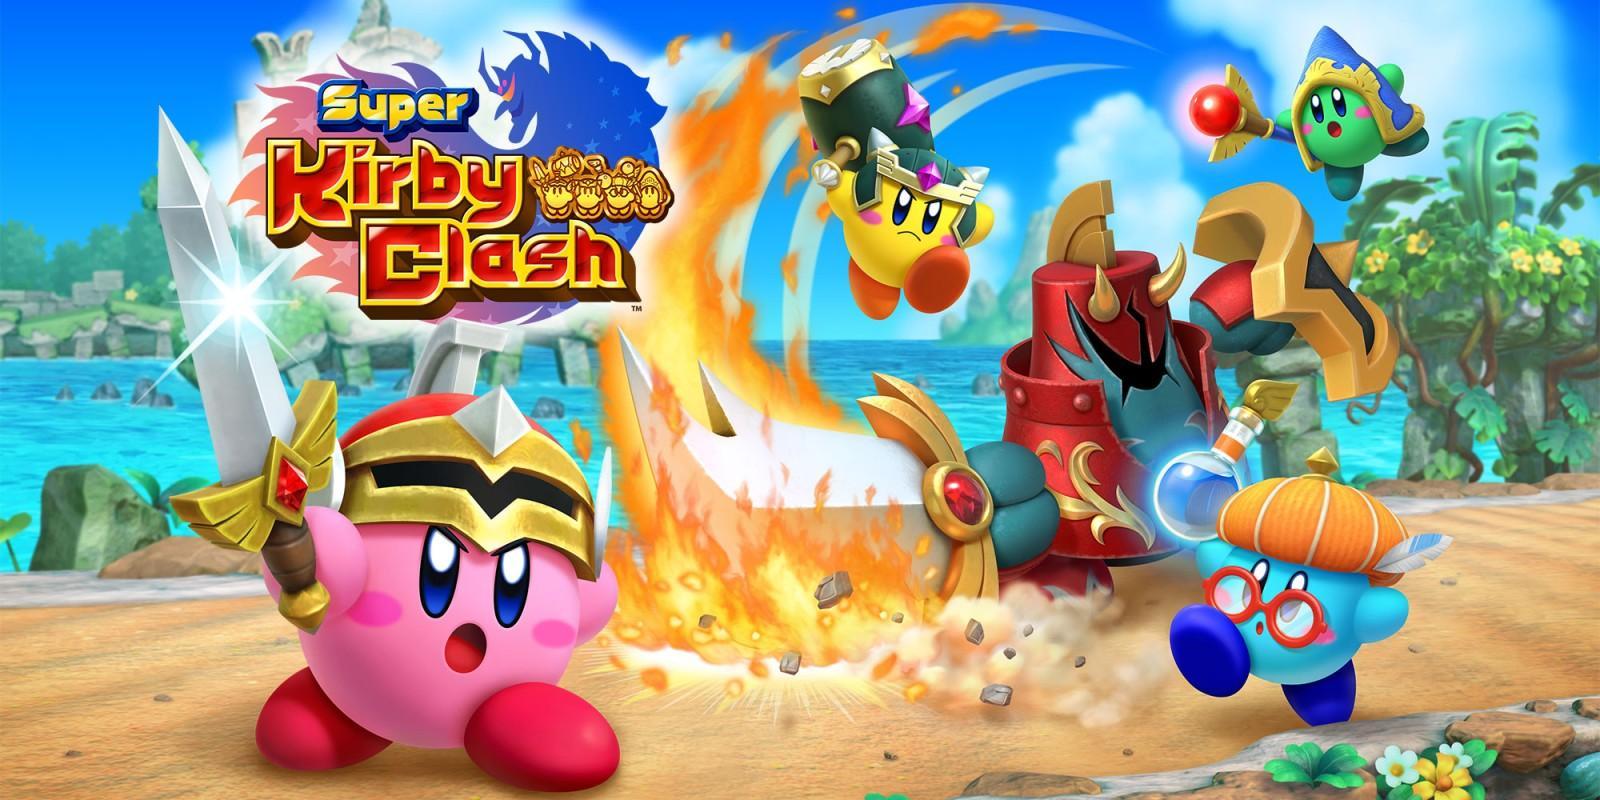 Super Kirby Clash - Mejores juegos gratis para Nintendo Switch